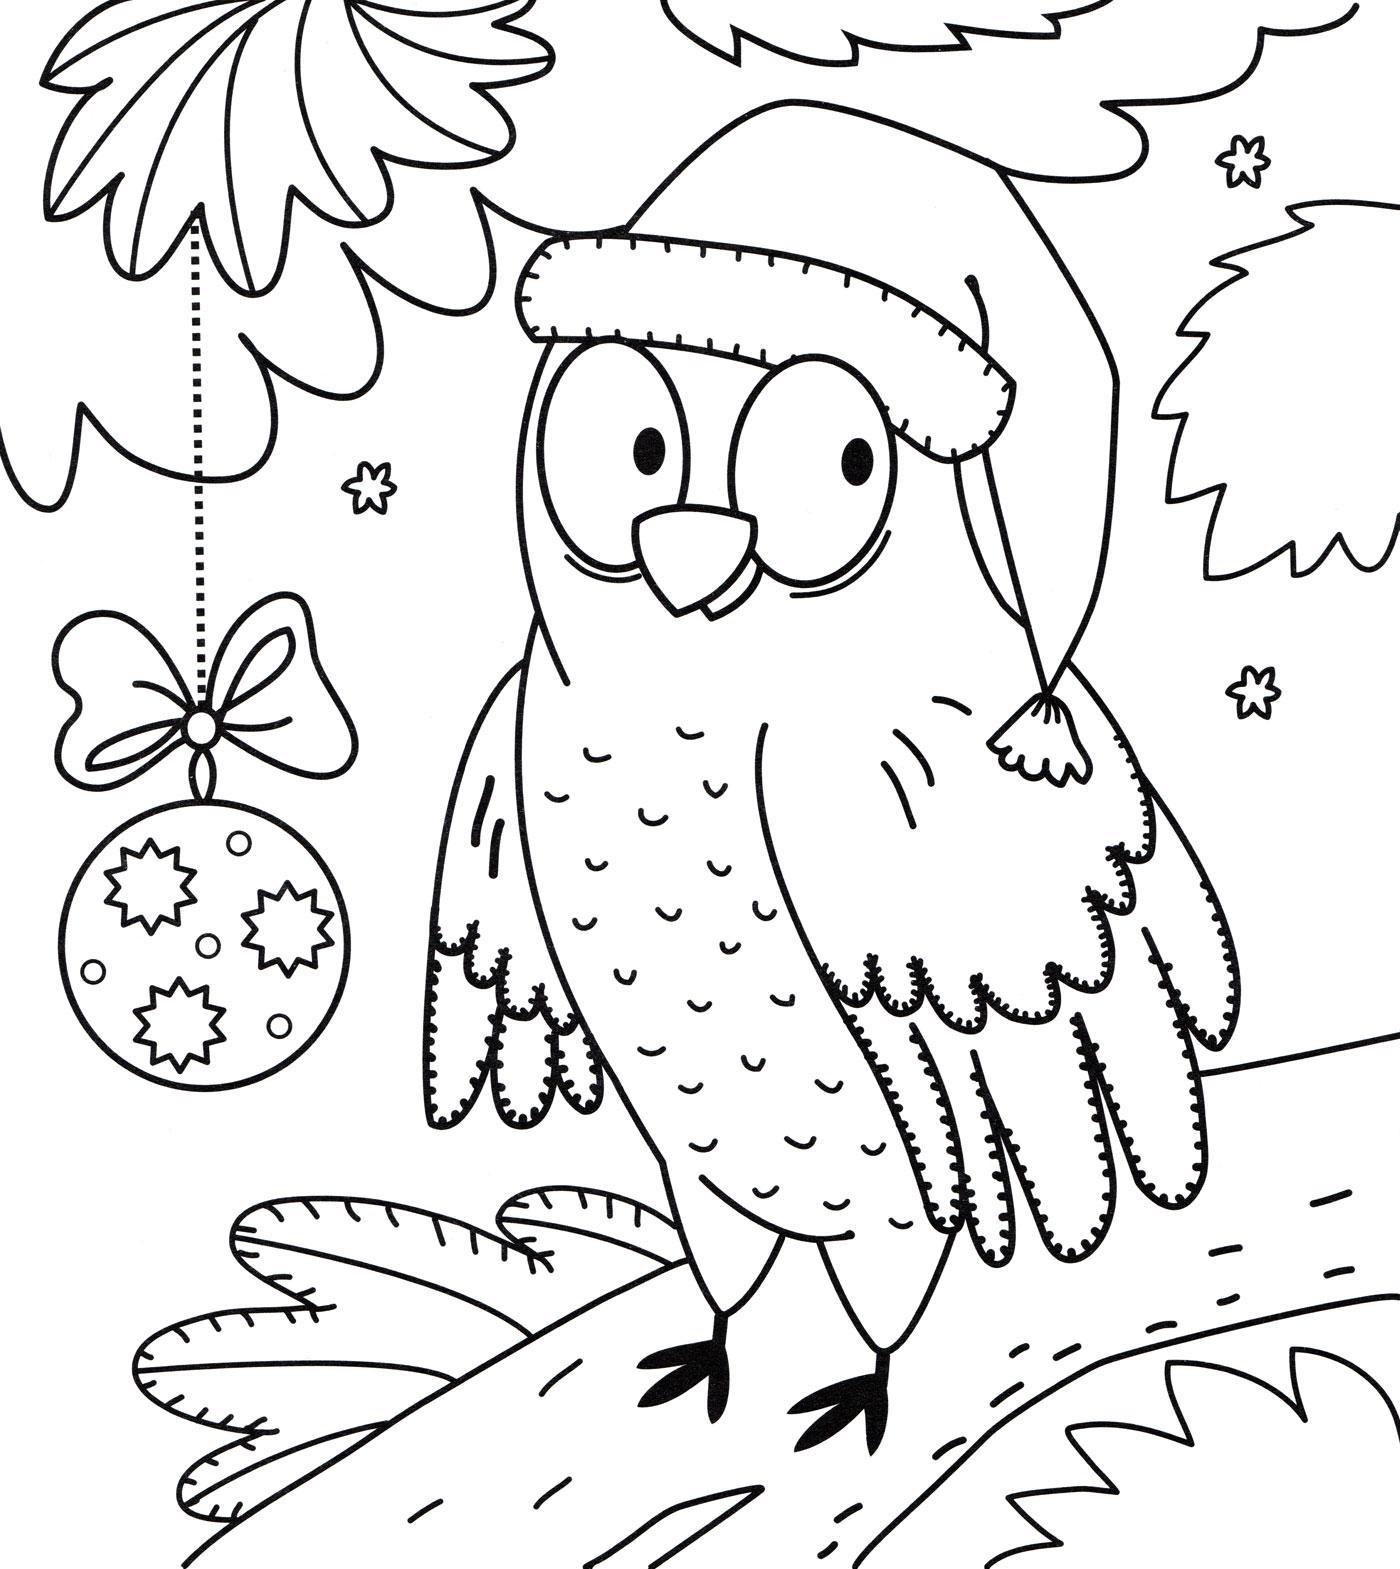 Раскраска Сова на новый год - распечатать бесплатно